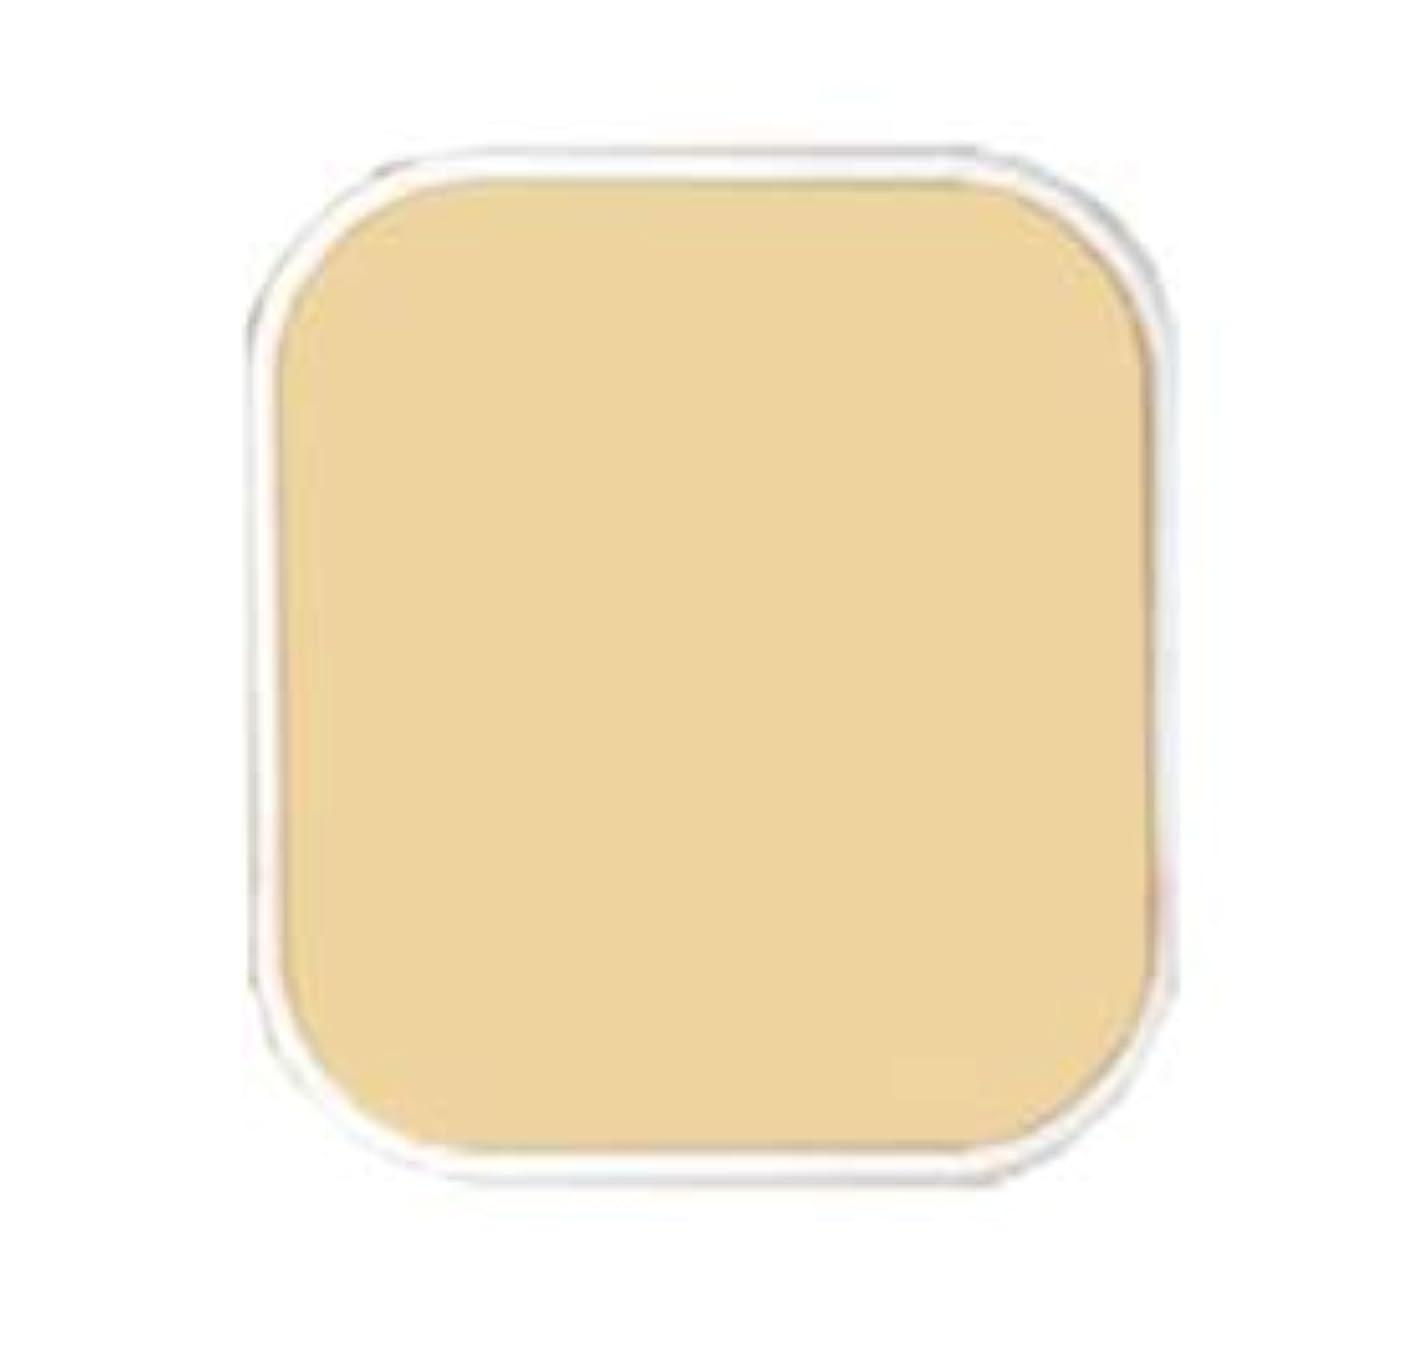 報酬のシーン不完全なアクセーヌ クリーミィファンデーションPV(リフィル)<O10明るいオークル系>※ケース別売り(11g)